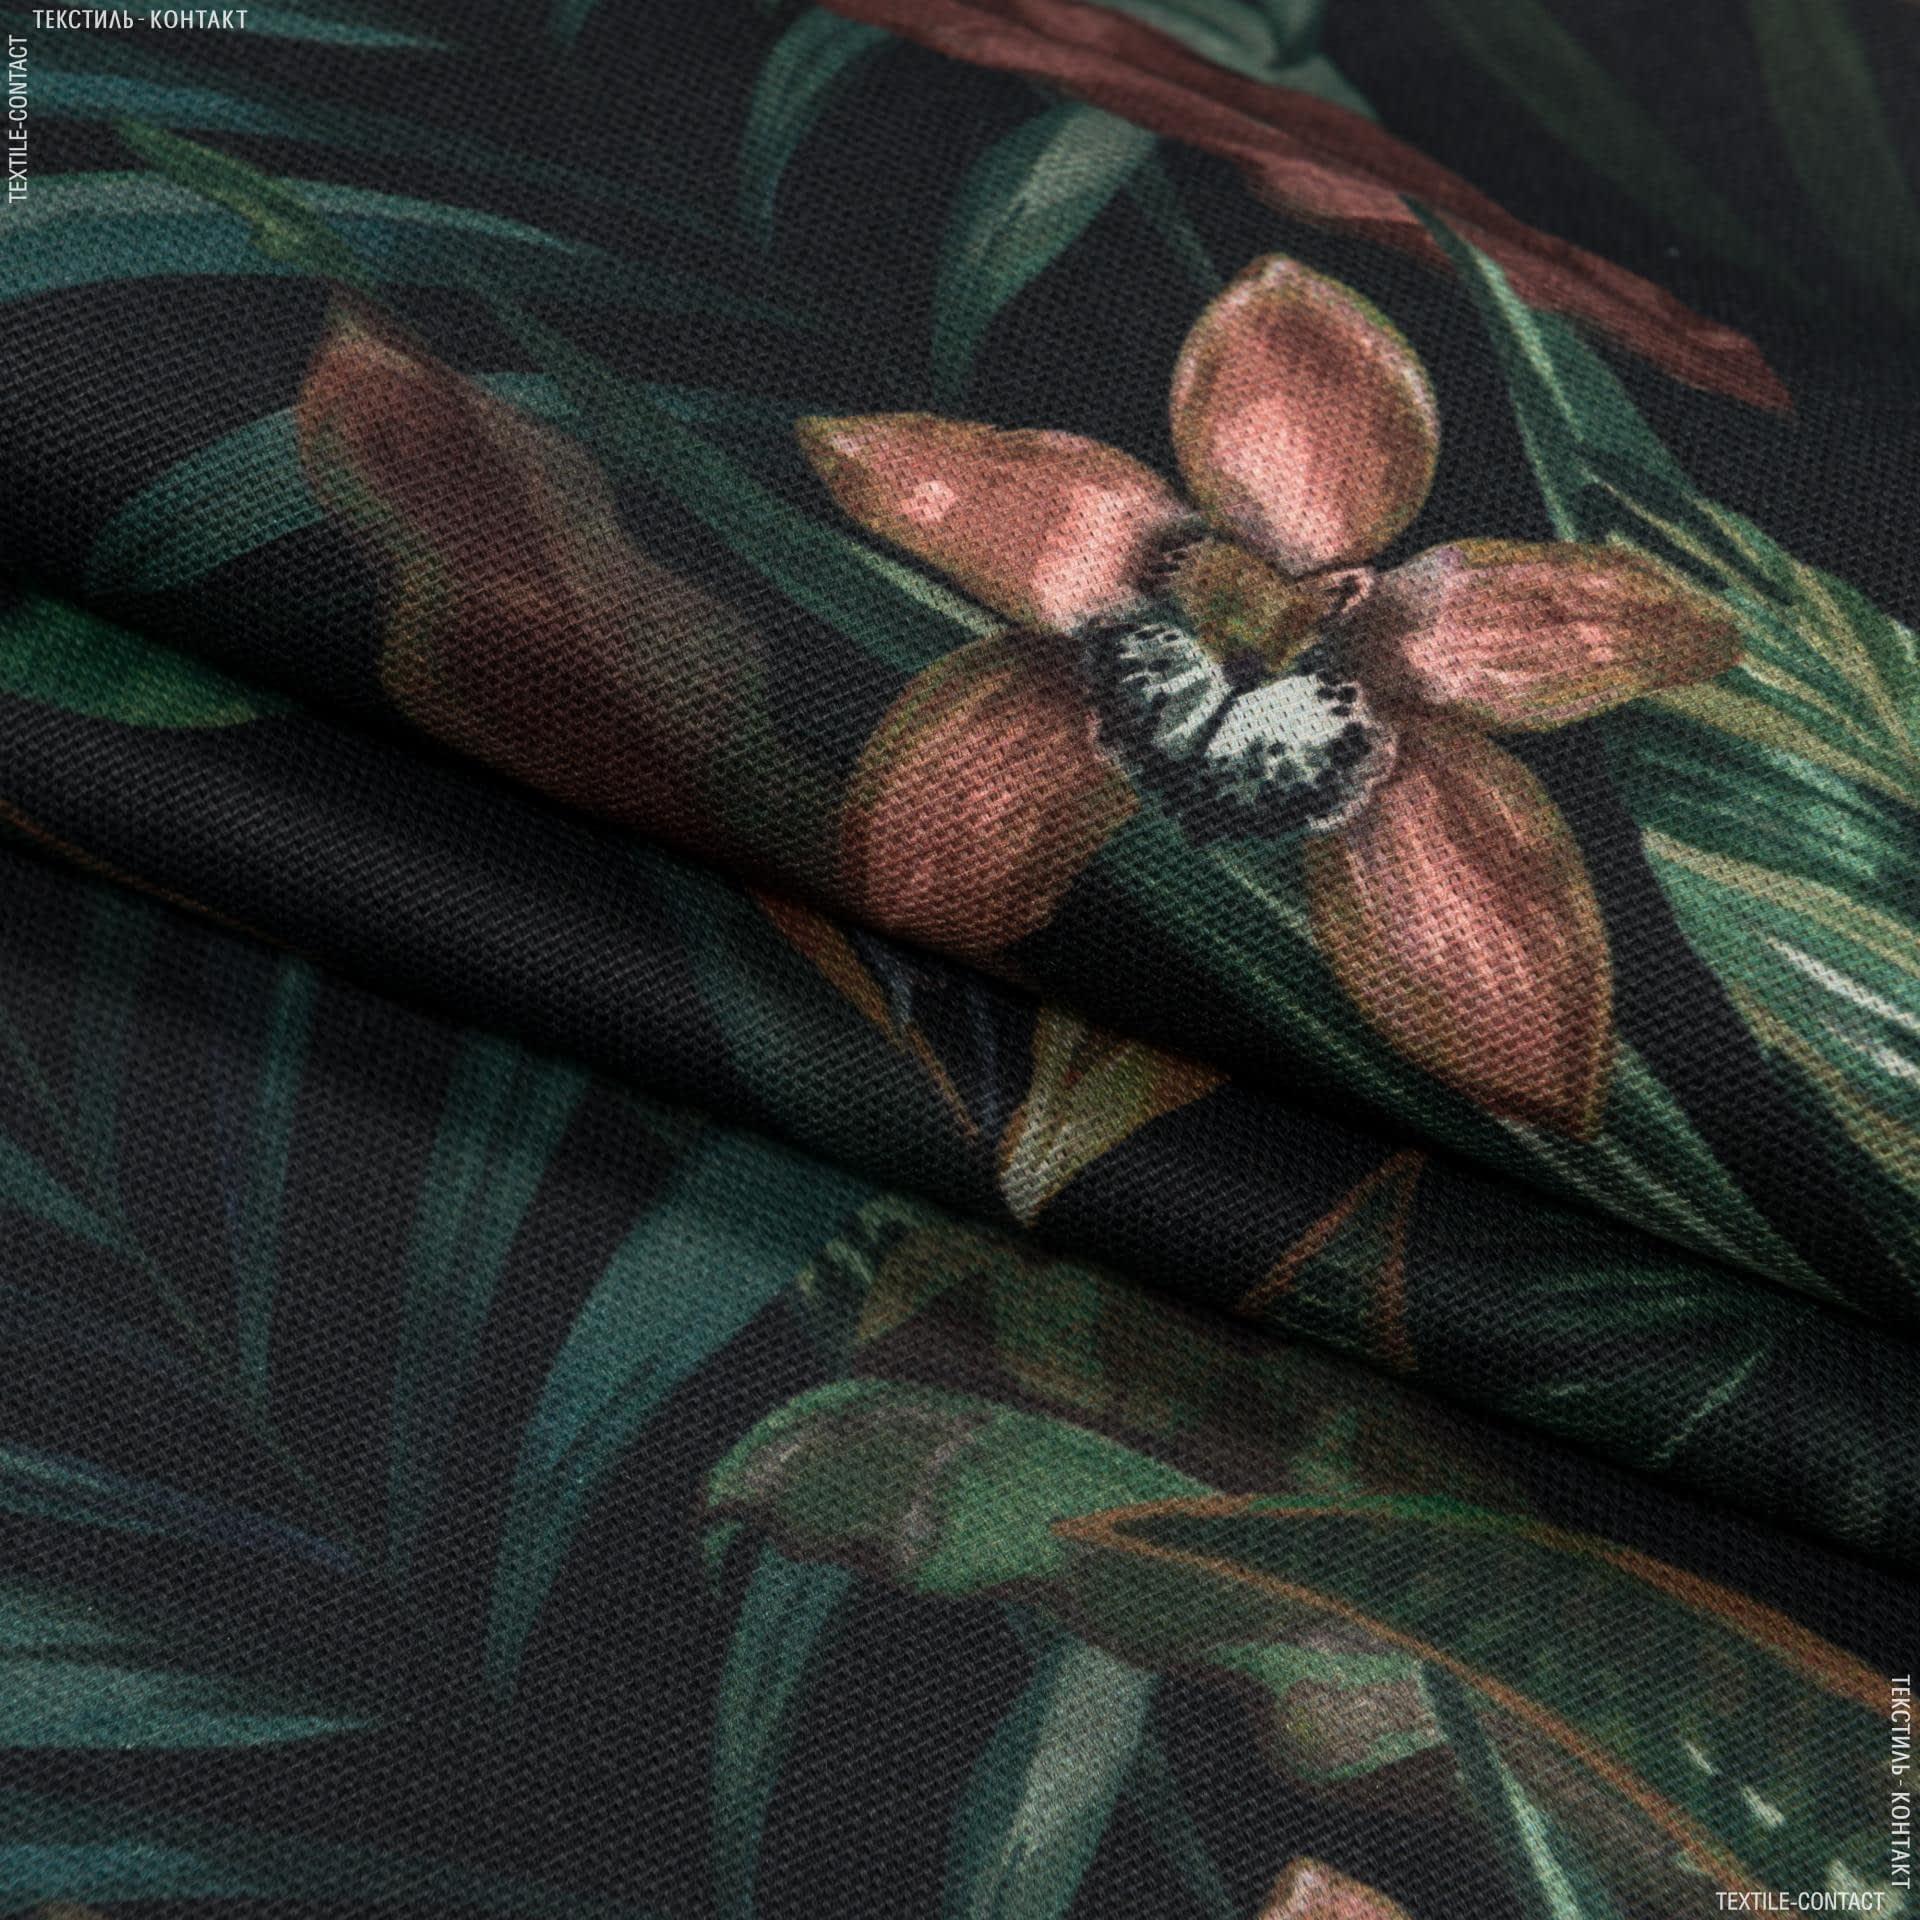 Тканини портьєрні тканини - Декоративна тканина галілея квіти стрекози тон чорний